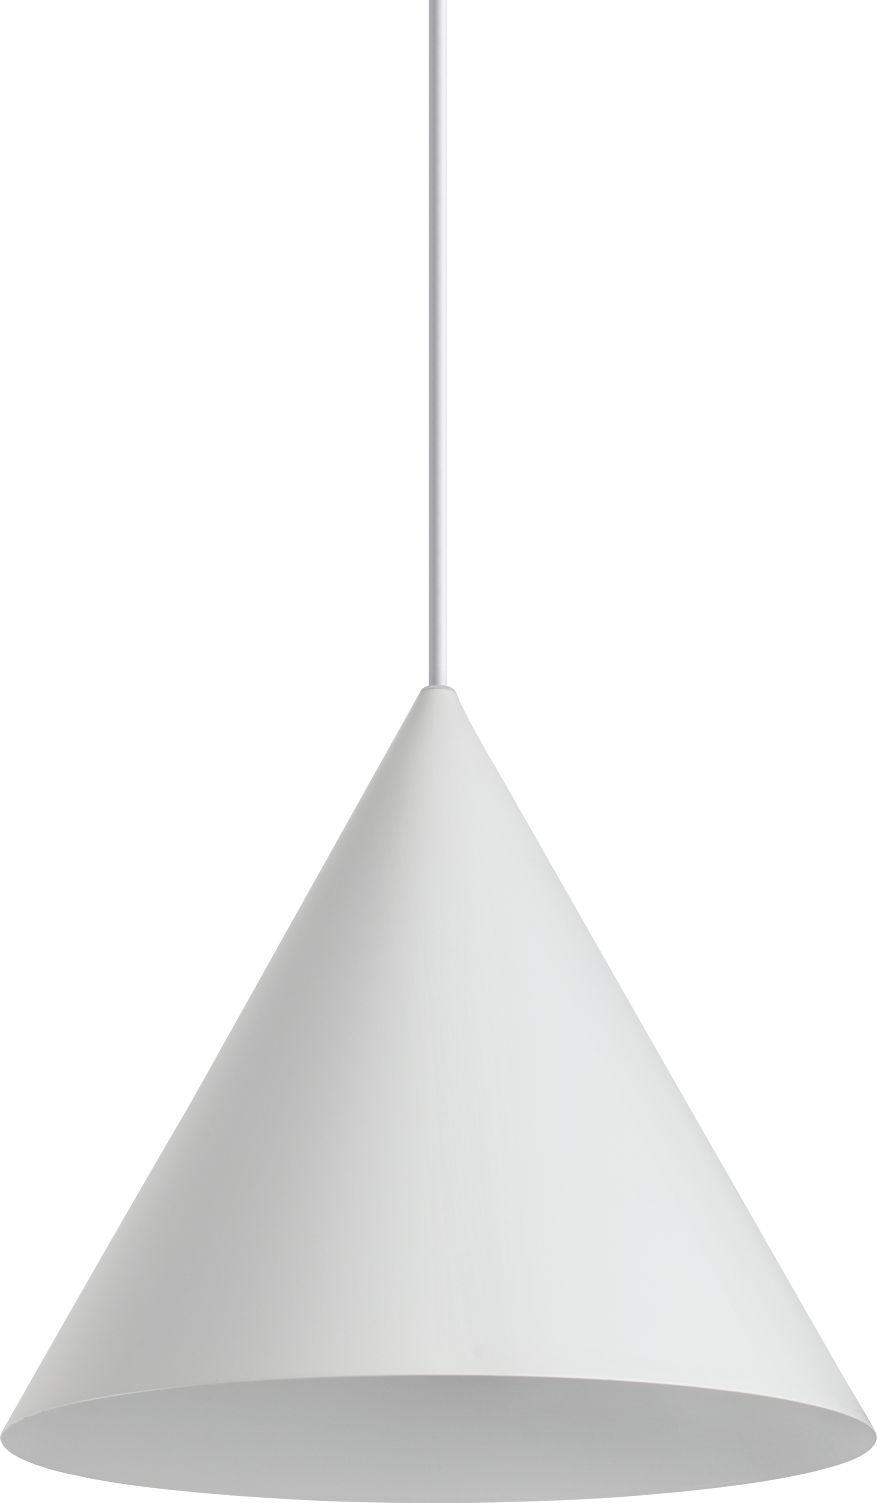 Lampa wisząca A-Line 232720 Ideal Lux pojedyńcza oprawa świetlna w kolorze białym